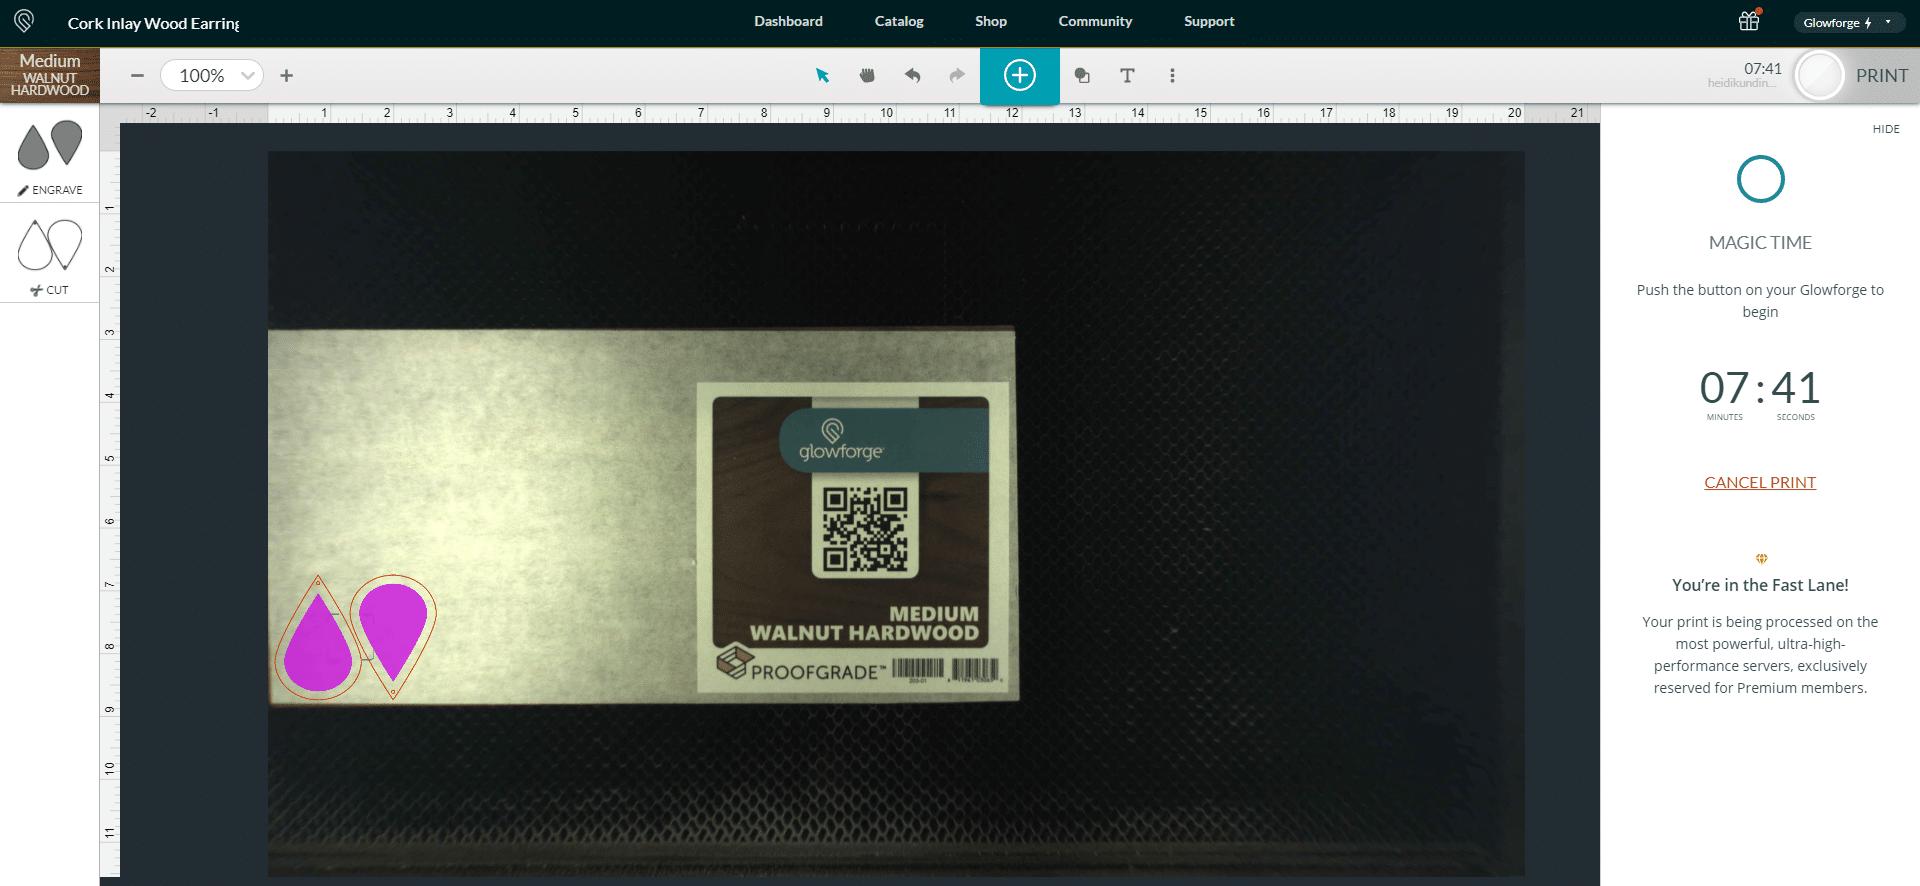 Glowforge App Software Screenshot - Earring Print Time